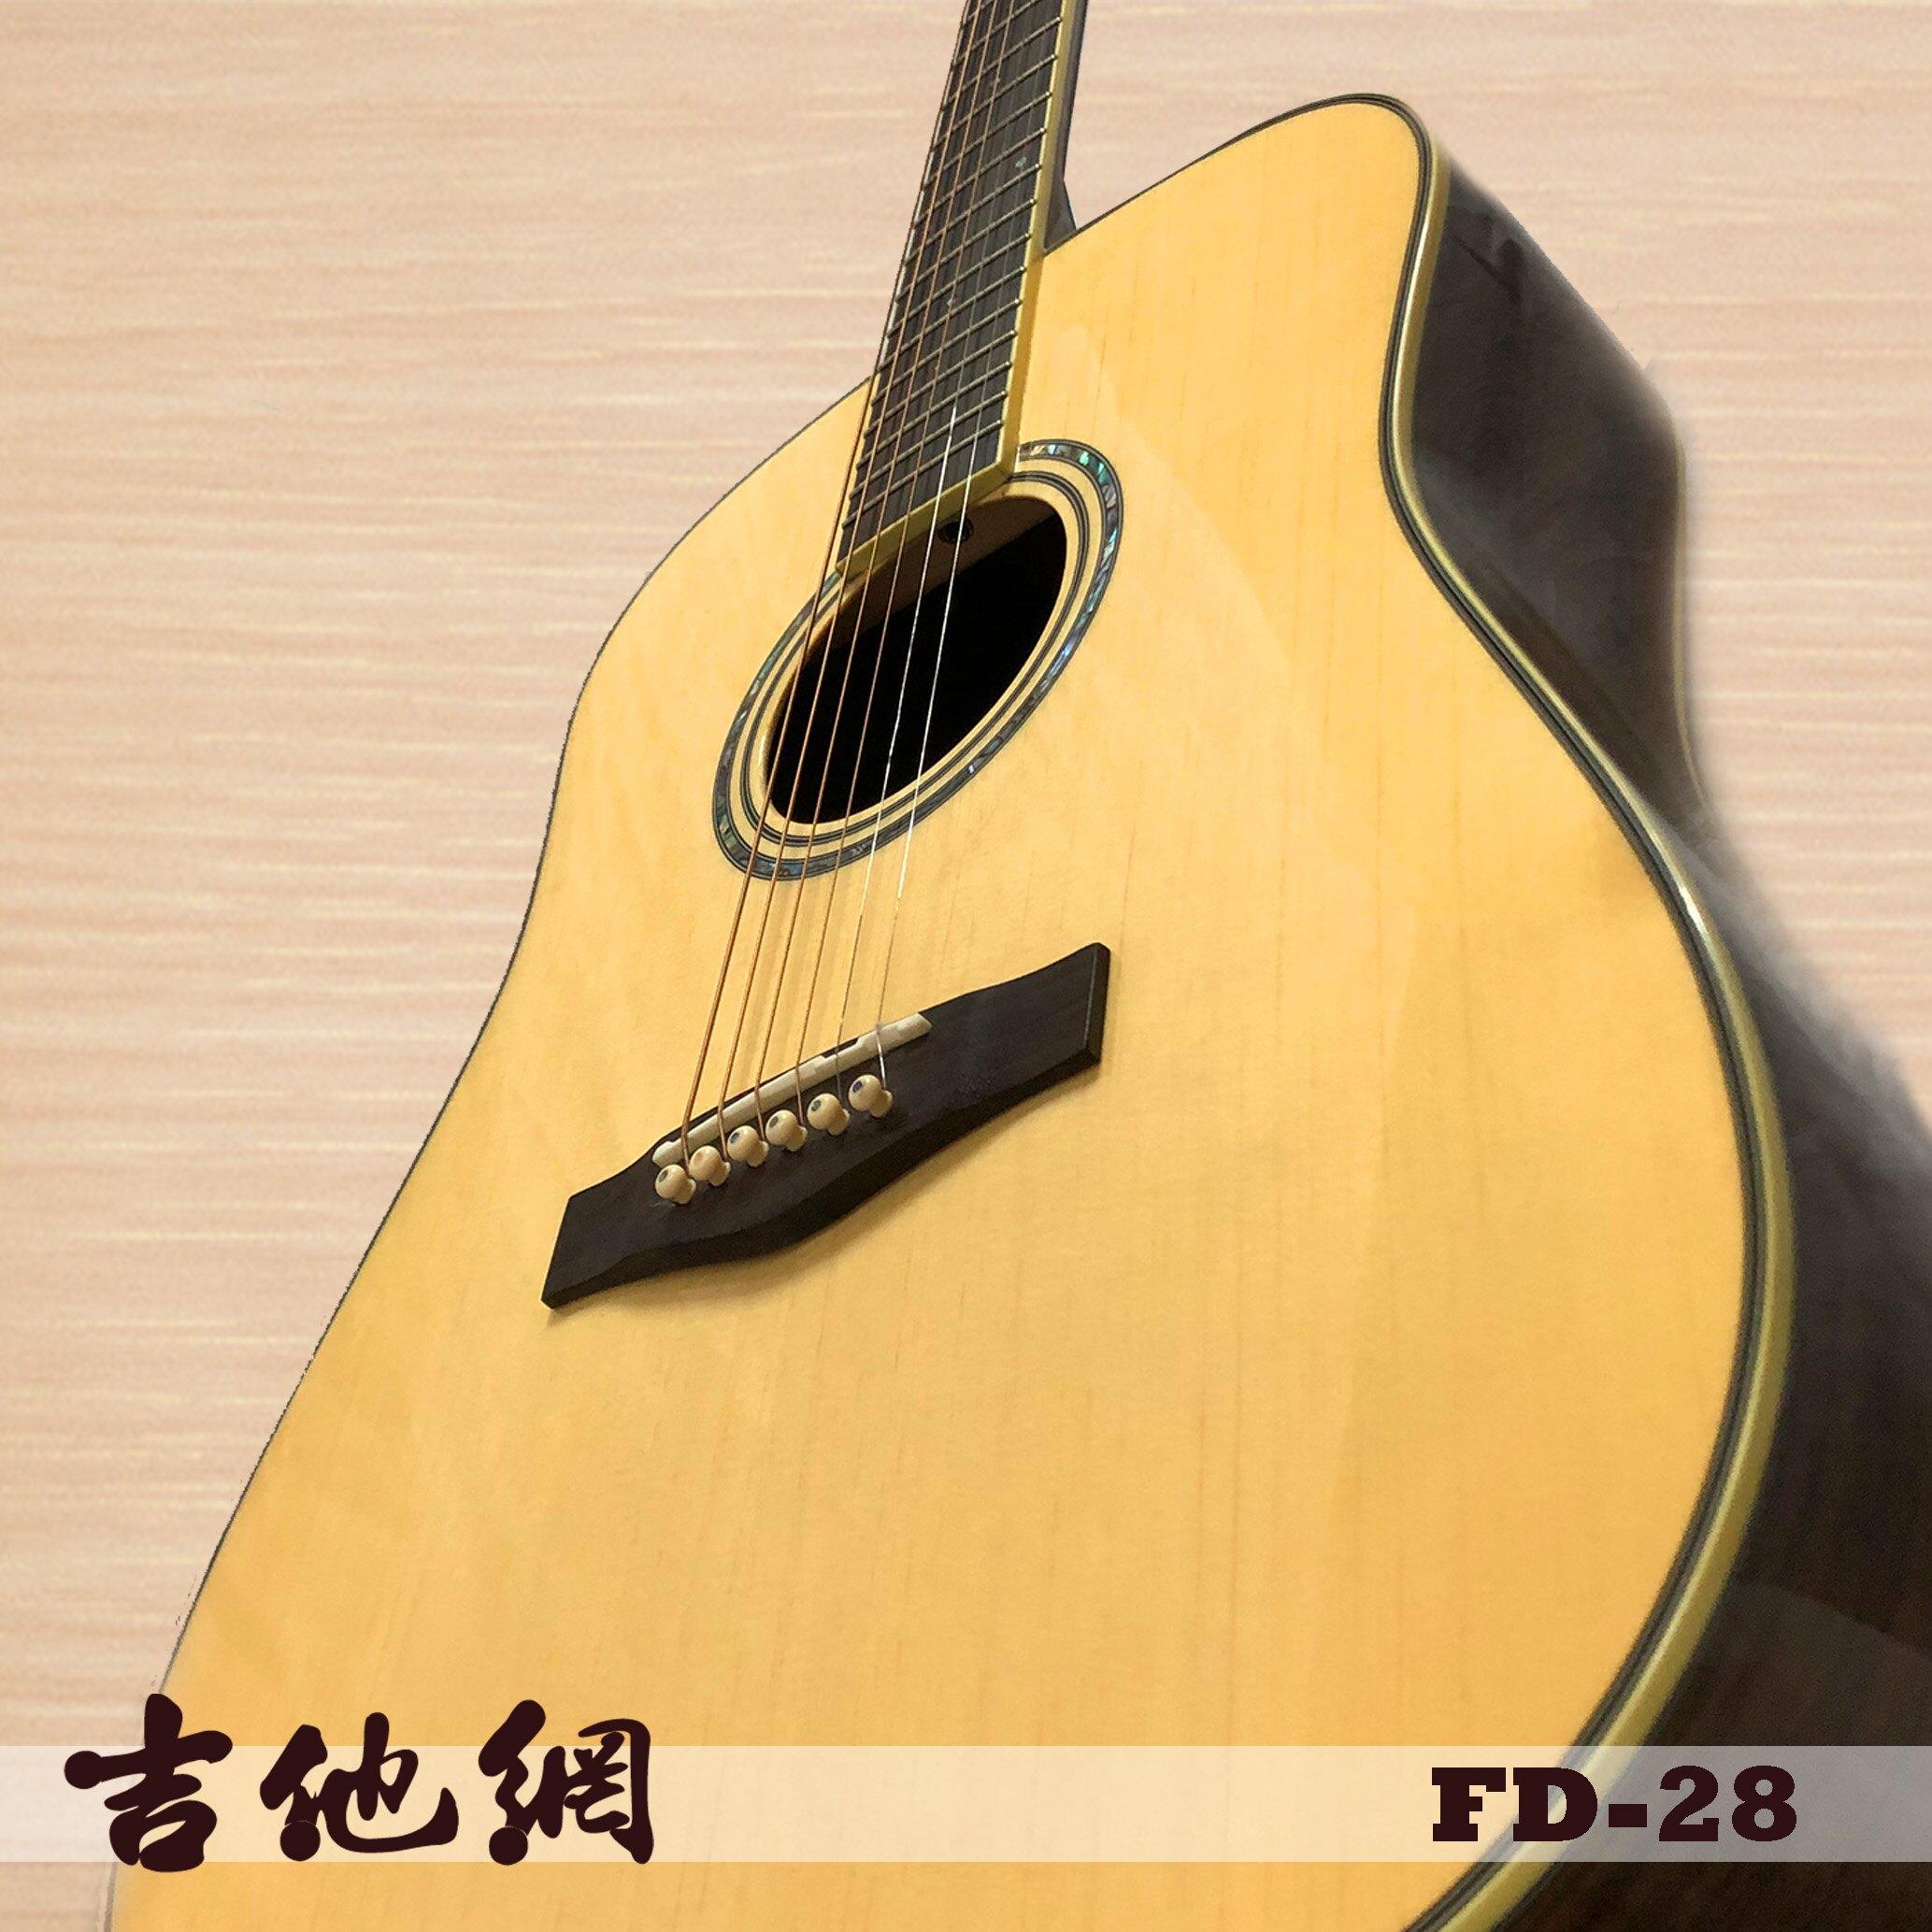 吉他網~Fina FD-28 D桶身41吋全單英格曼雲杉木高規格民謠吉他